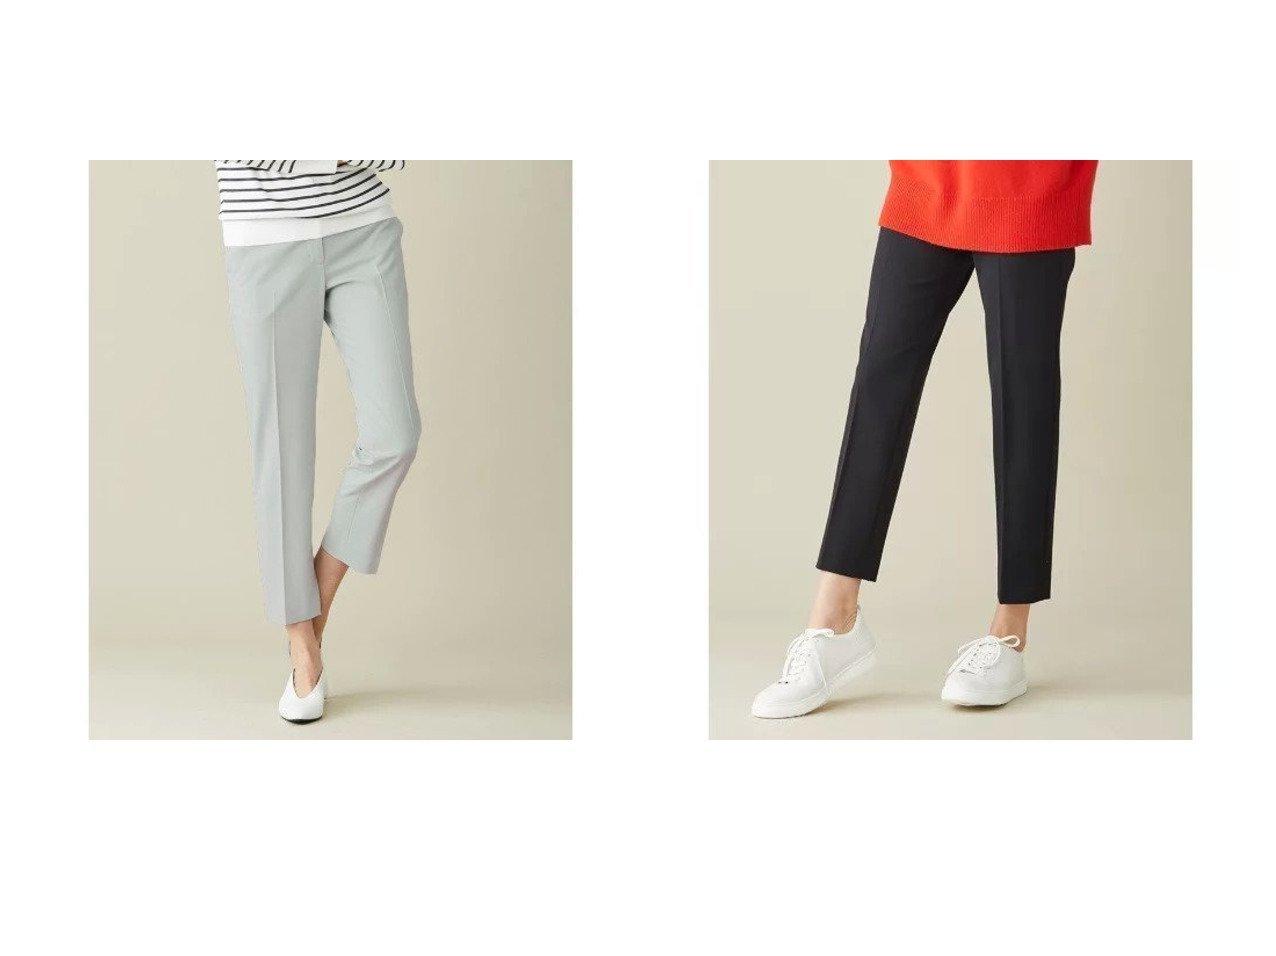 【iCB/アイシービー】の【マガジン掲載】StablePeach スティックパンツ(番号CN26) パンツのおすすめ!人気トレンド・レディースファッションの通販 おすすめで人気のファッション通販商品 インテリア・家具・キッズファッション・メンズファッション・レディースファッション・服の通販 founy(ファニー) https://founy.com/ ファッション Fashion レディースファッション WOMEN パンツ Pants 春 ギャザー 雑誌 定番 人気 バランス ベーシック  ID:crp329100000007989